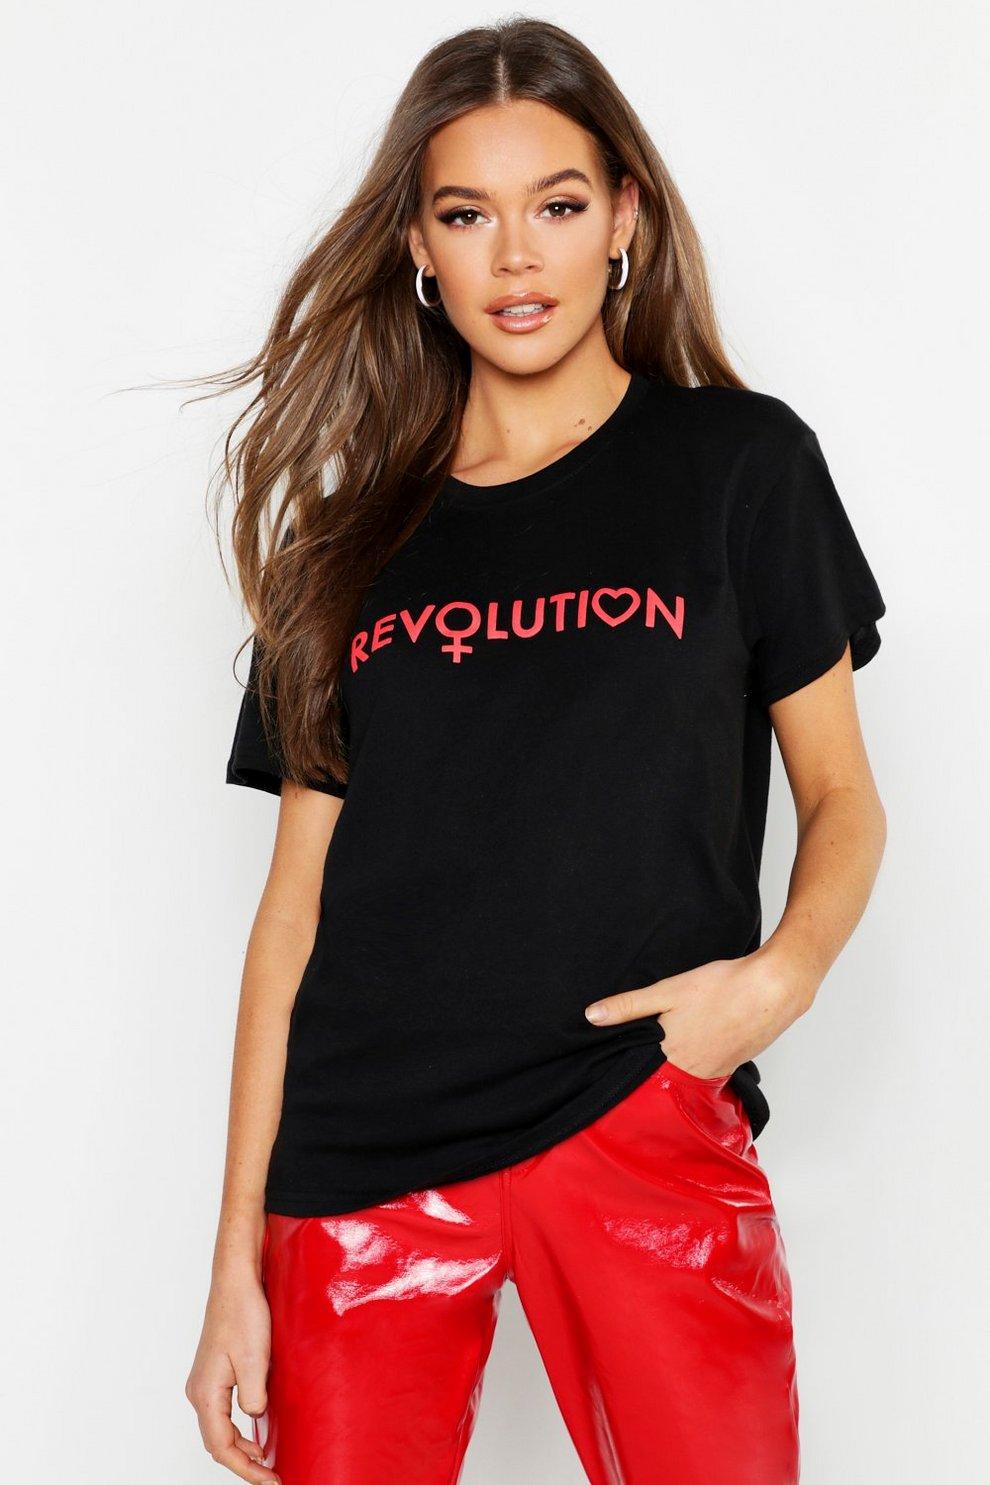 """T shirt T Con """"revolution Con """"revolution shirt Scritta Scritta T mwn80vNO"""